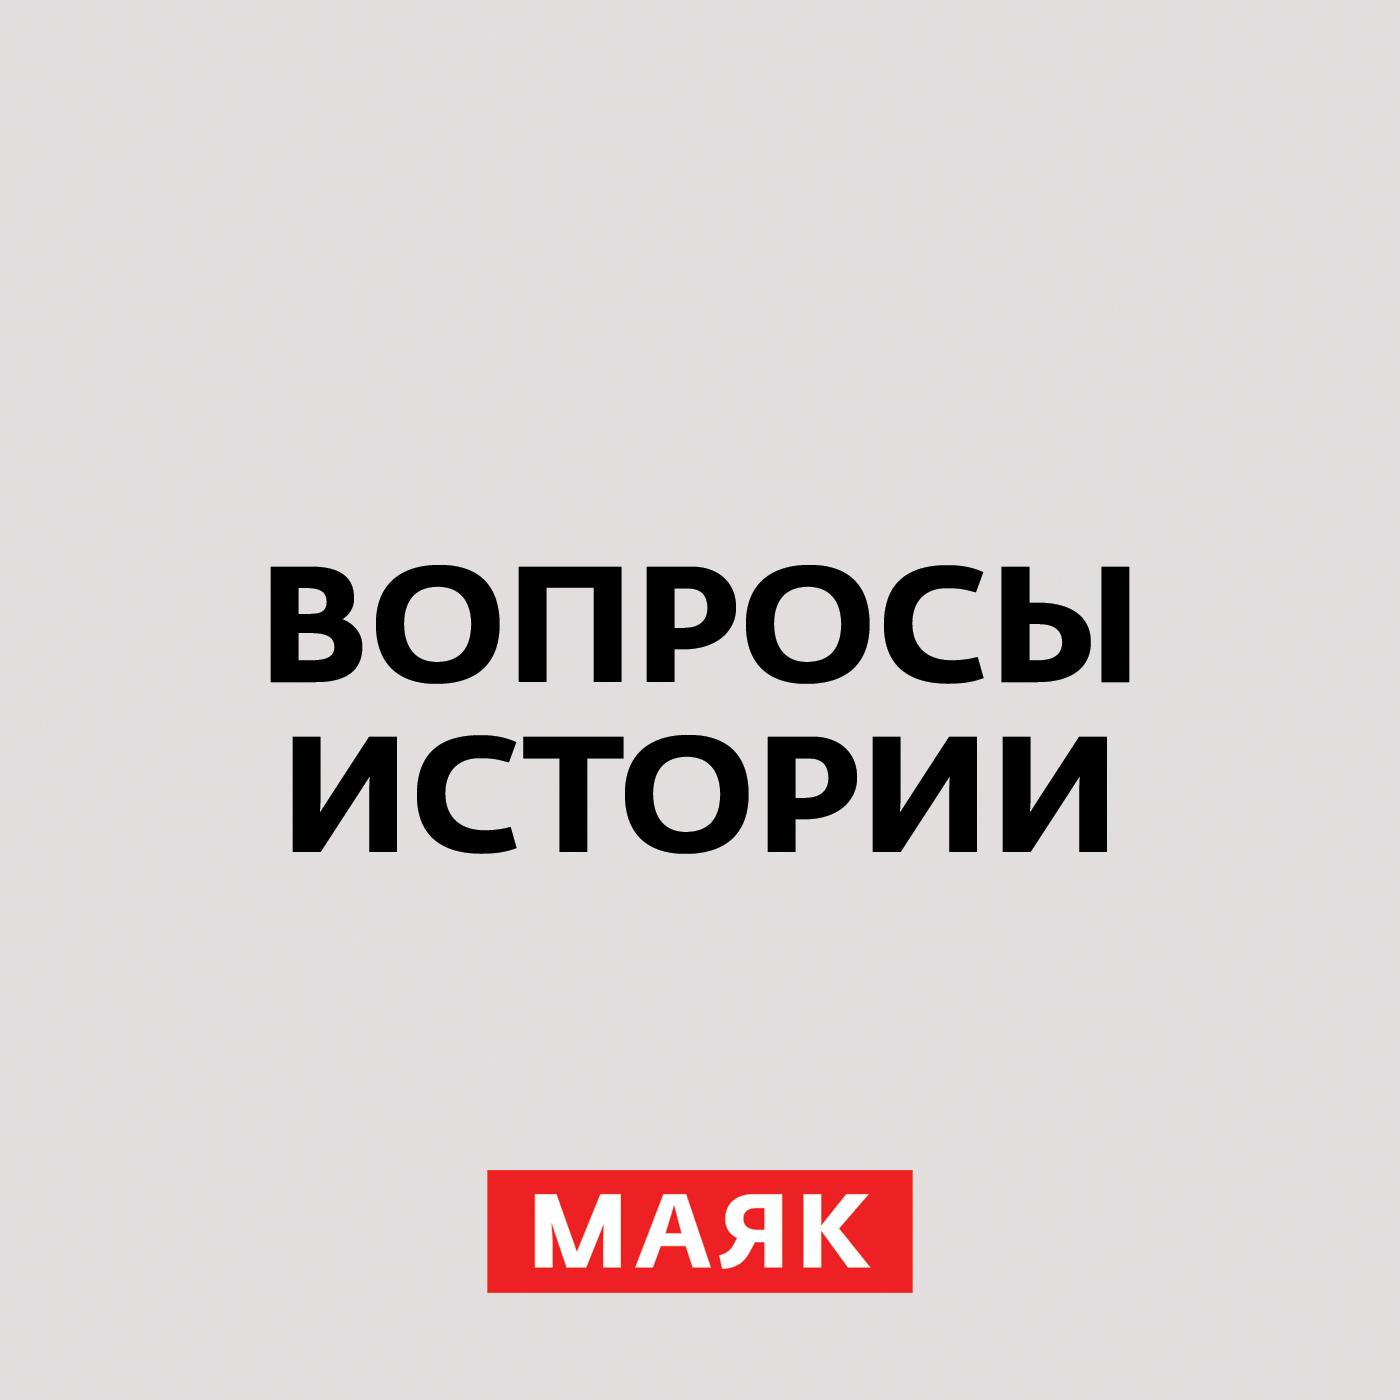 Андрей Светенко Речь Сталина 3 июля: почему каждый абзац вызывает недовольство. Часть 1 андрей светенко 22 июня 1941 года – незаживающая рана истории